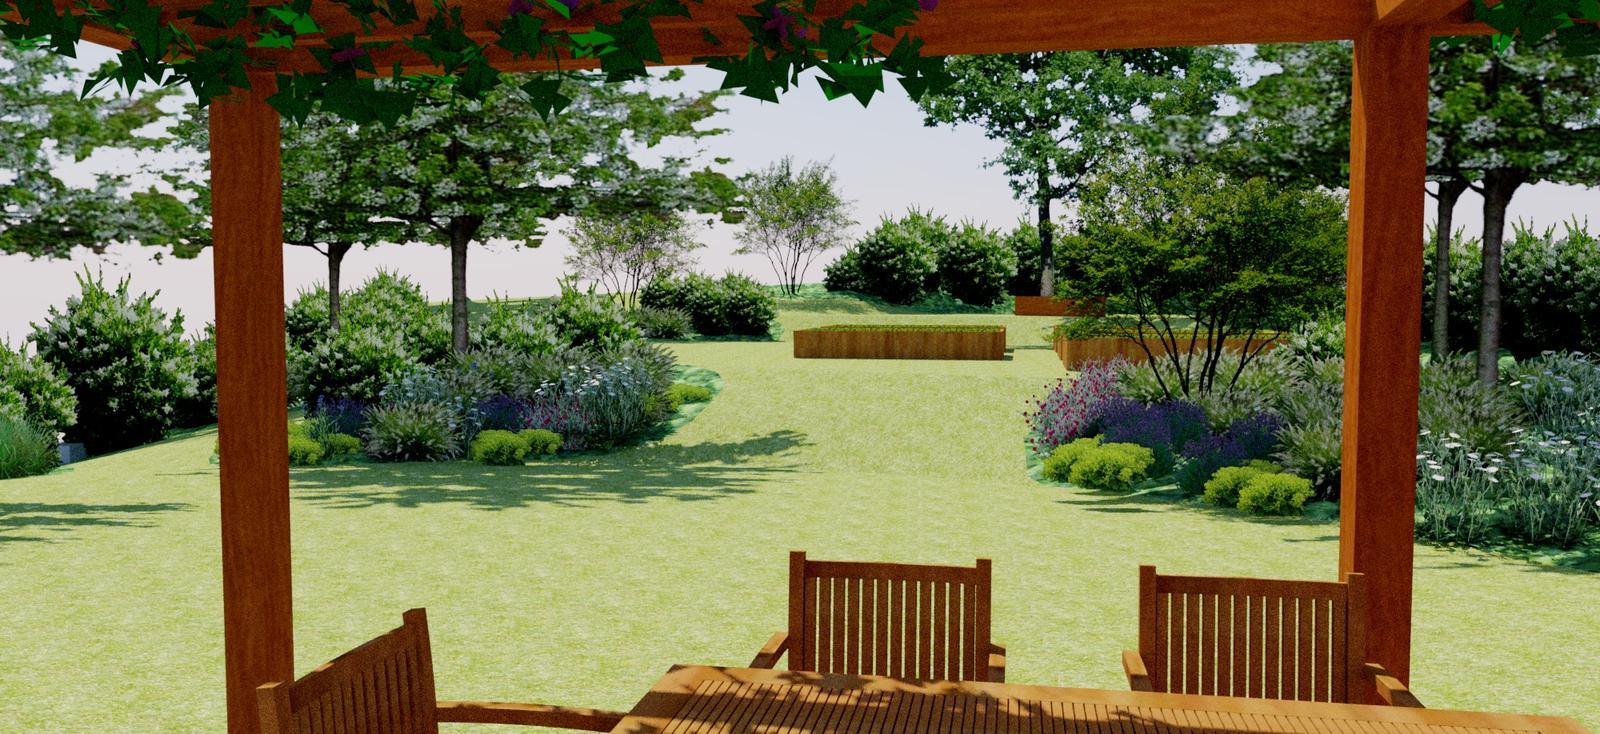 Záhrada v starom sade - Obrázok č. 5